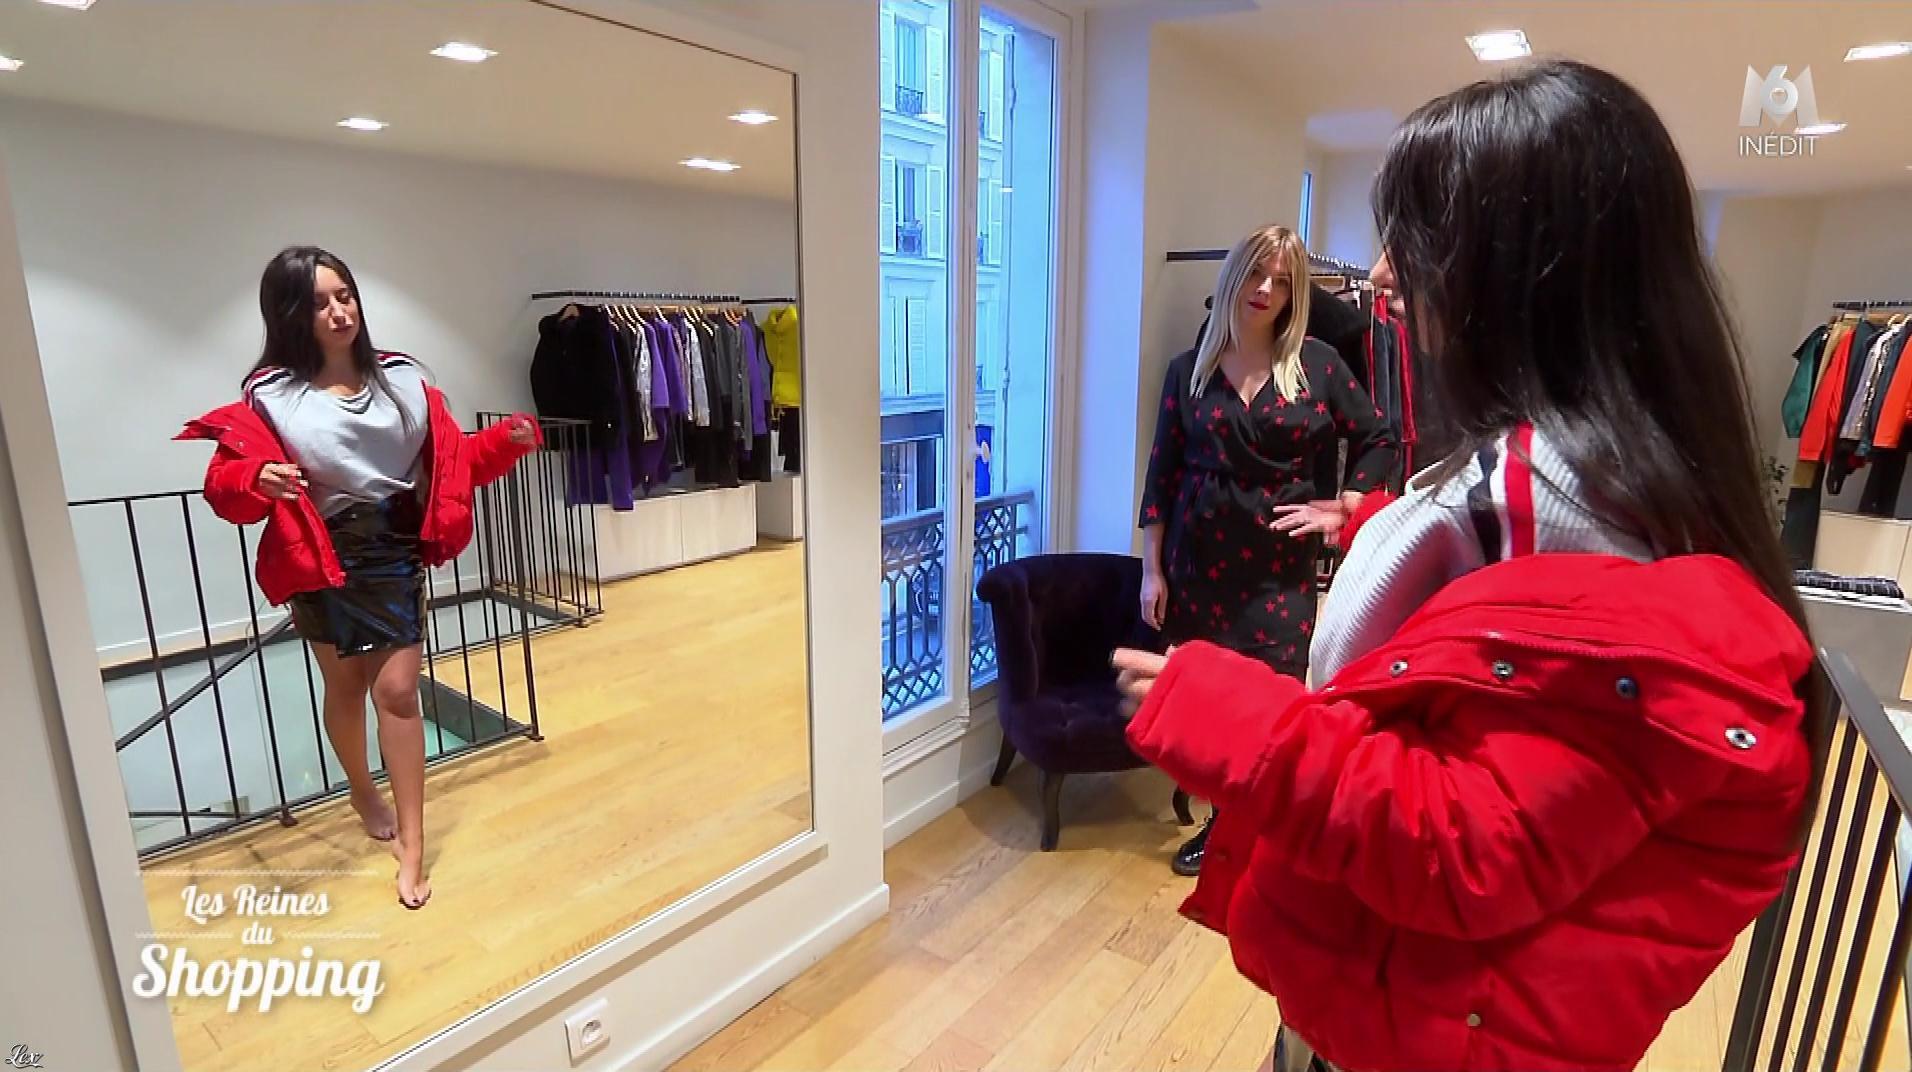 Une Candidate dans les Reines du Shopping. Diffusé à la télévision le 19/02/19.